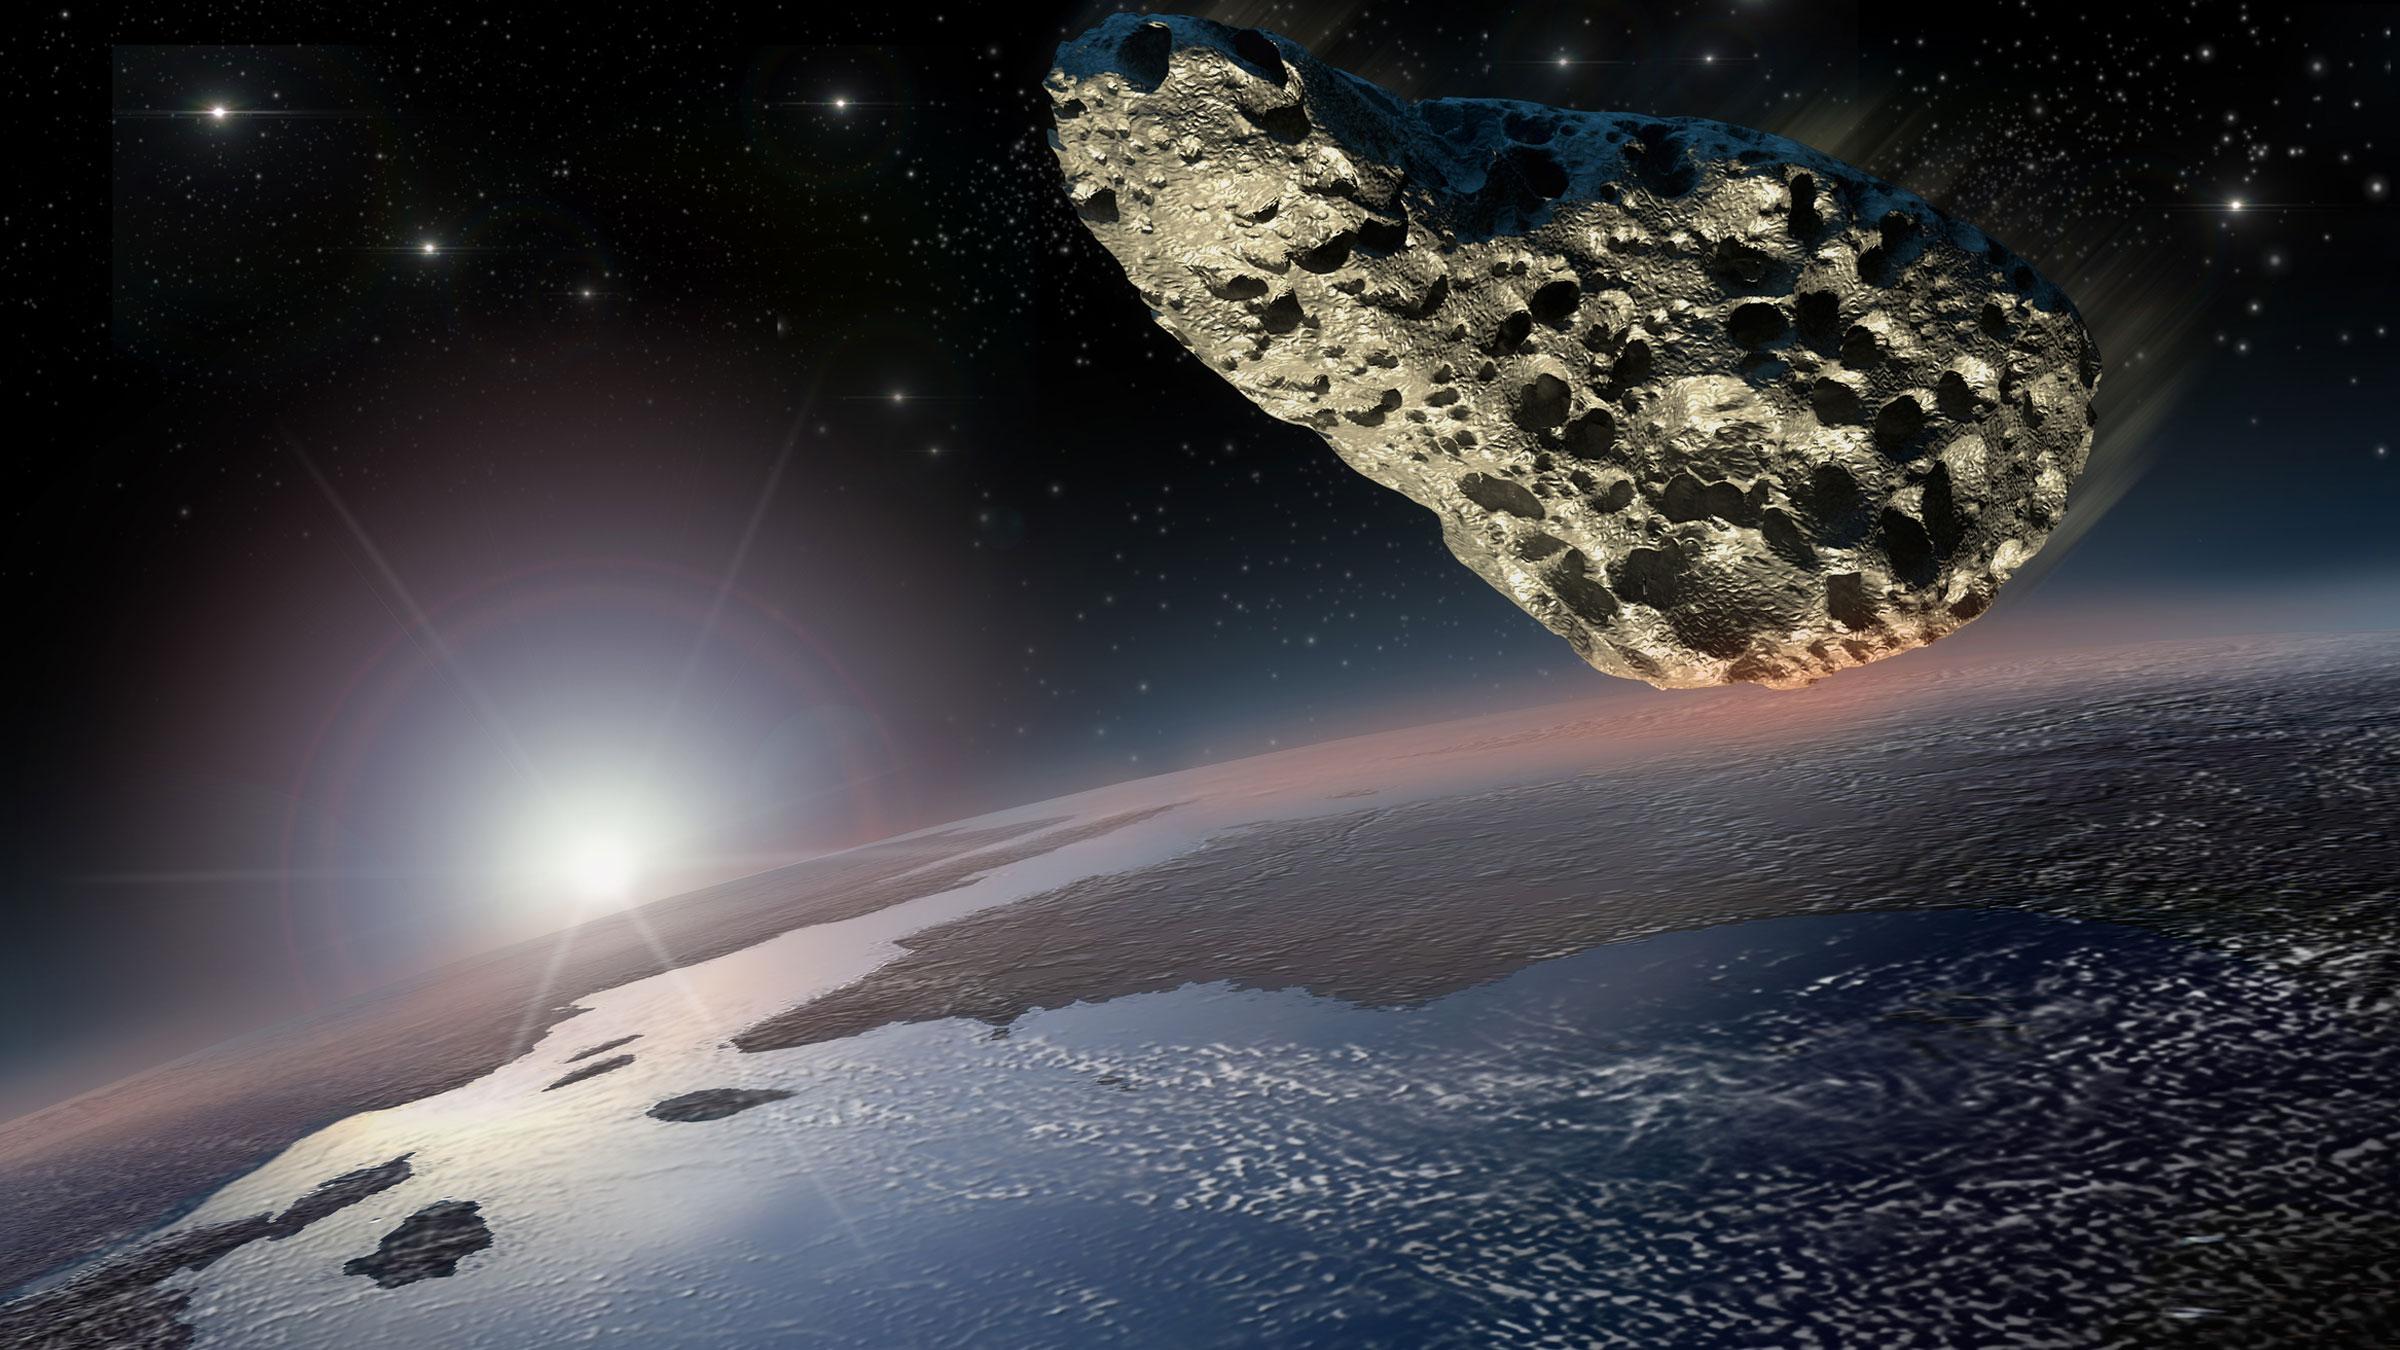 фотографии которые астероид приближается к земле